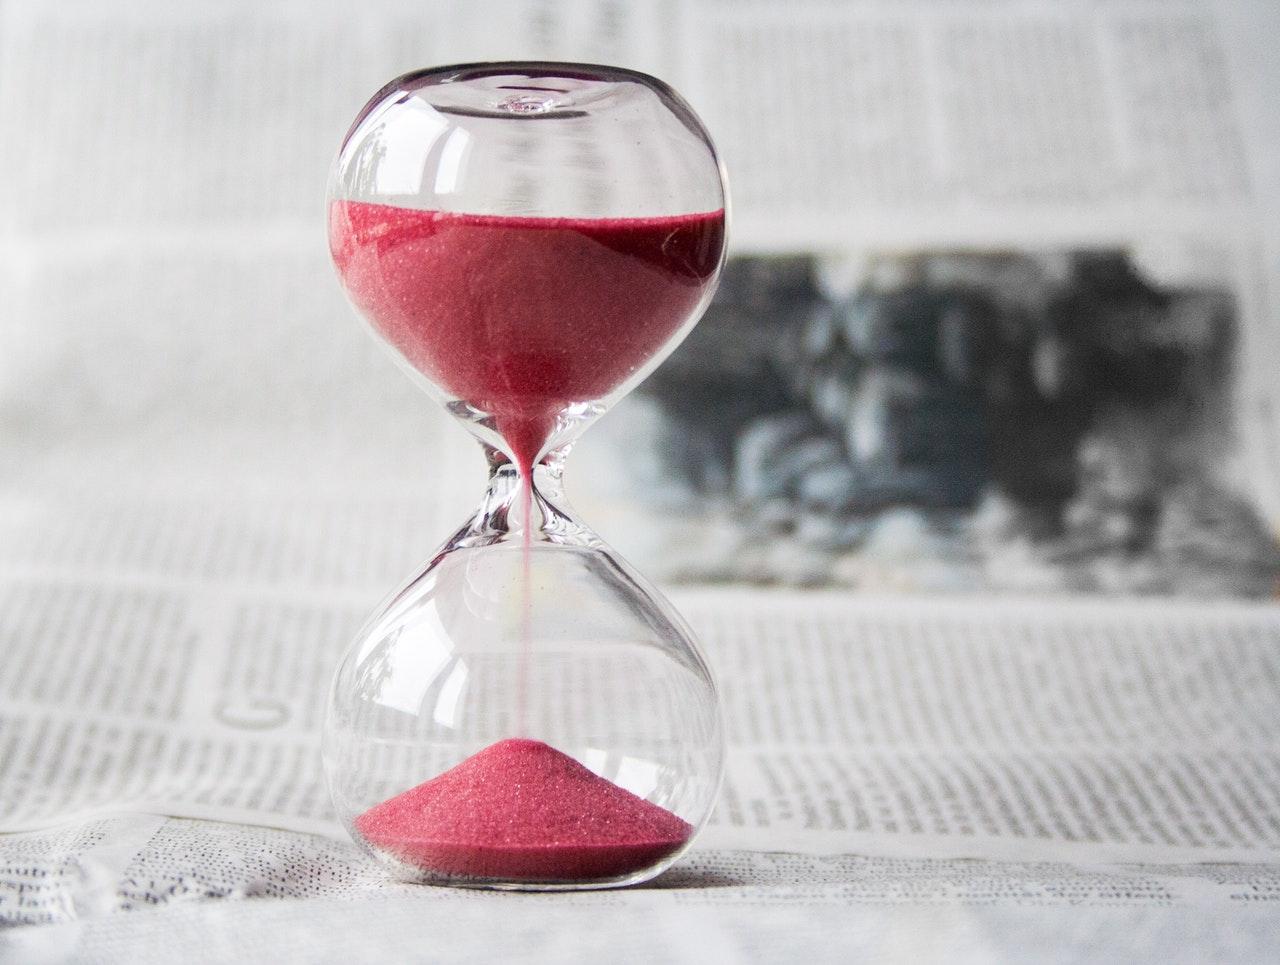 """มุมมองความเป็นจริง ว่าด้วยเรื่อง """"เวลา"""" กับการจ้างทำวิจัย"""